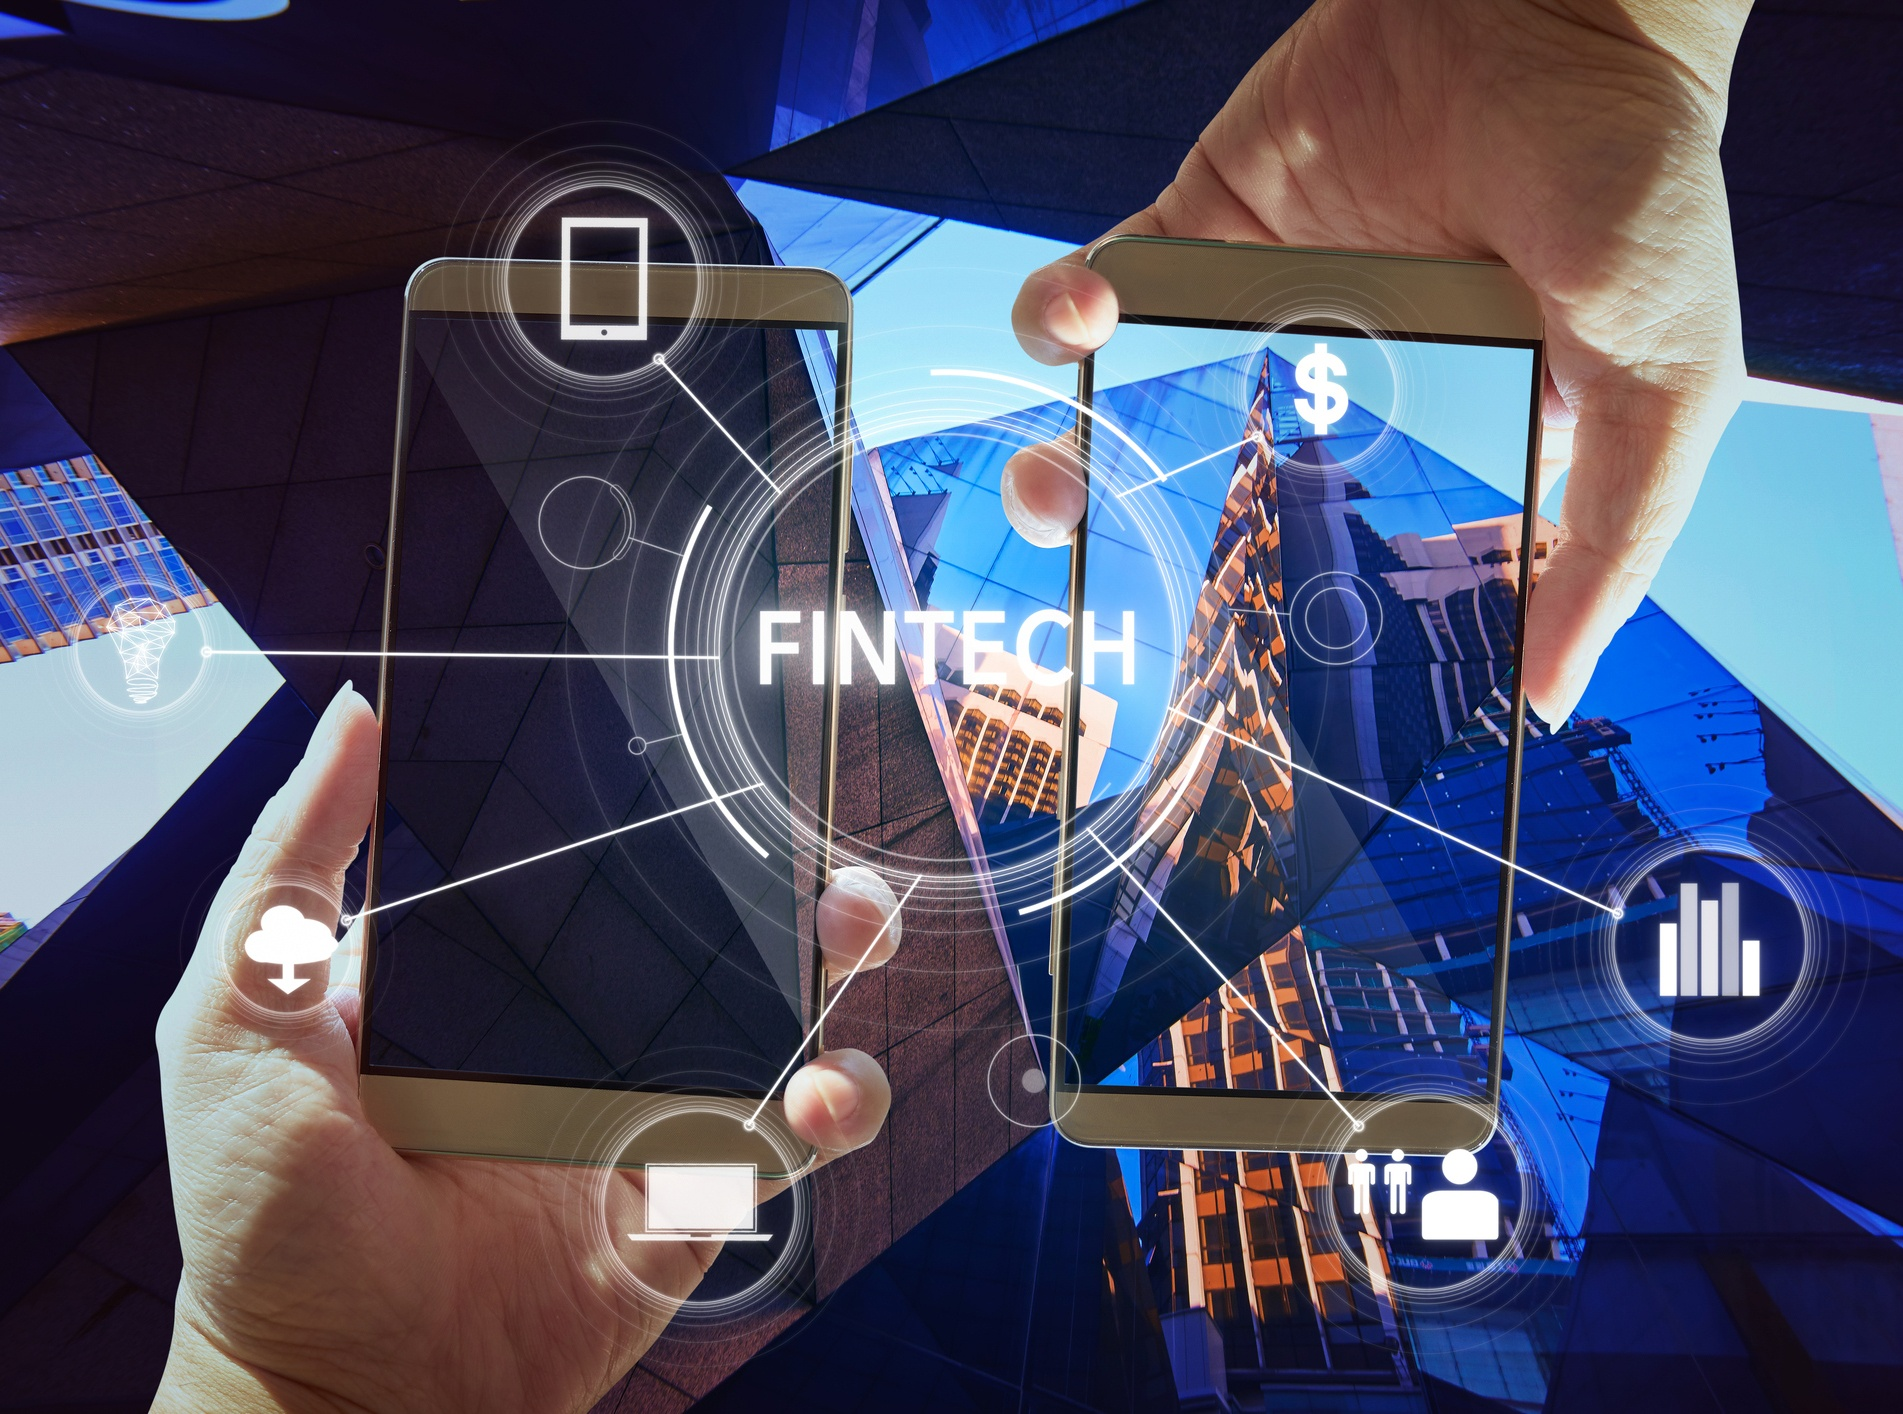 Fintech Customer Service